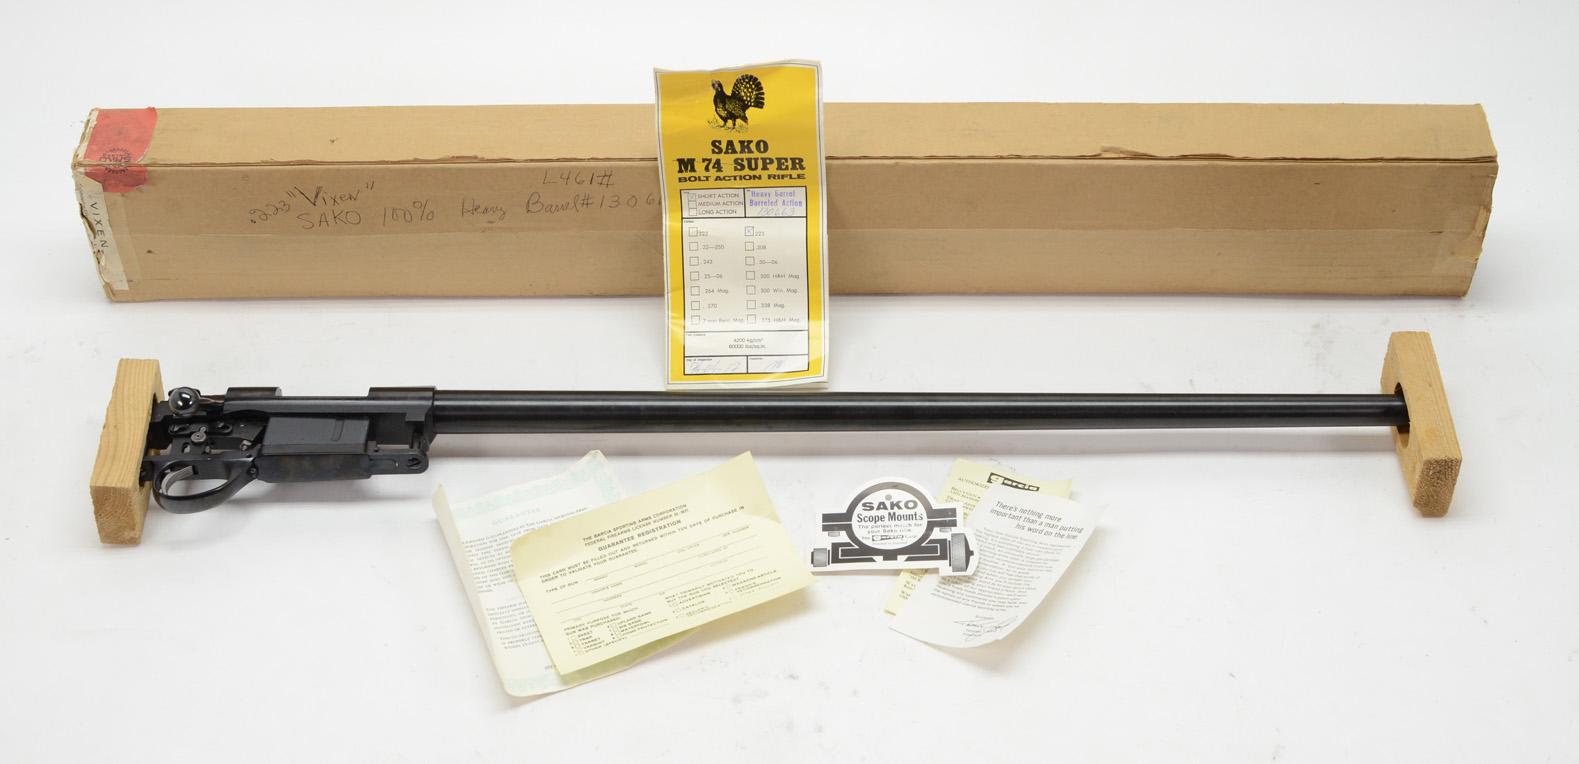 Sako M74 Super Vixen .223 Rem